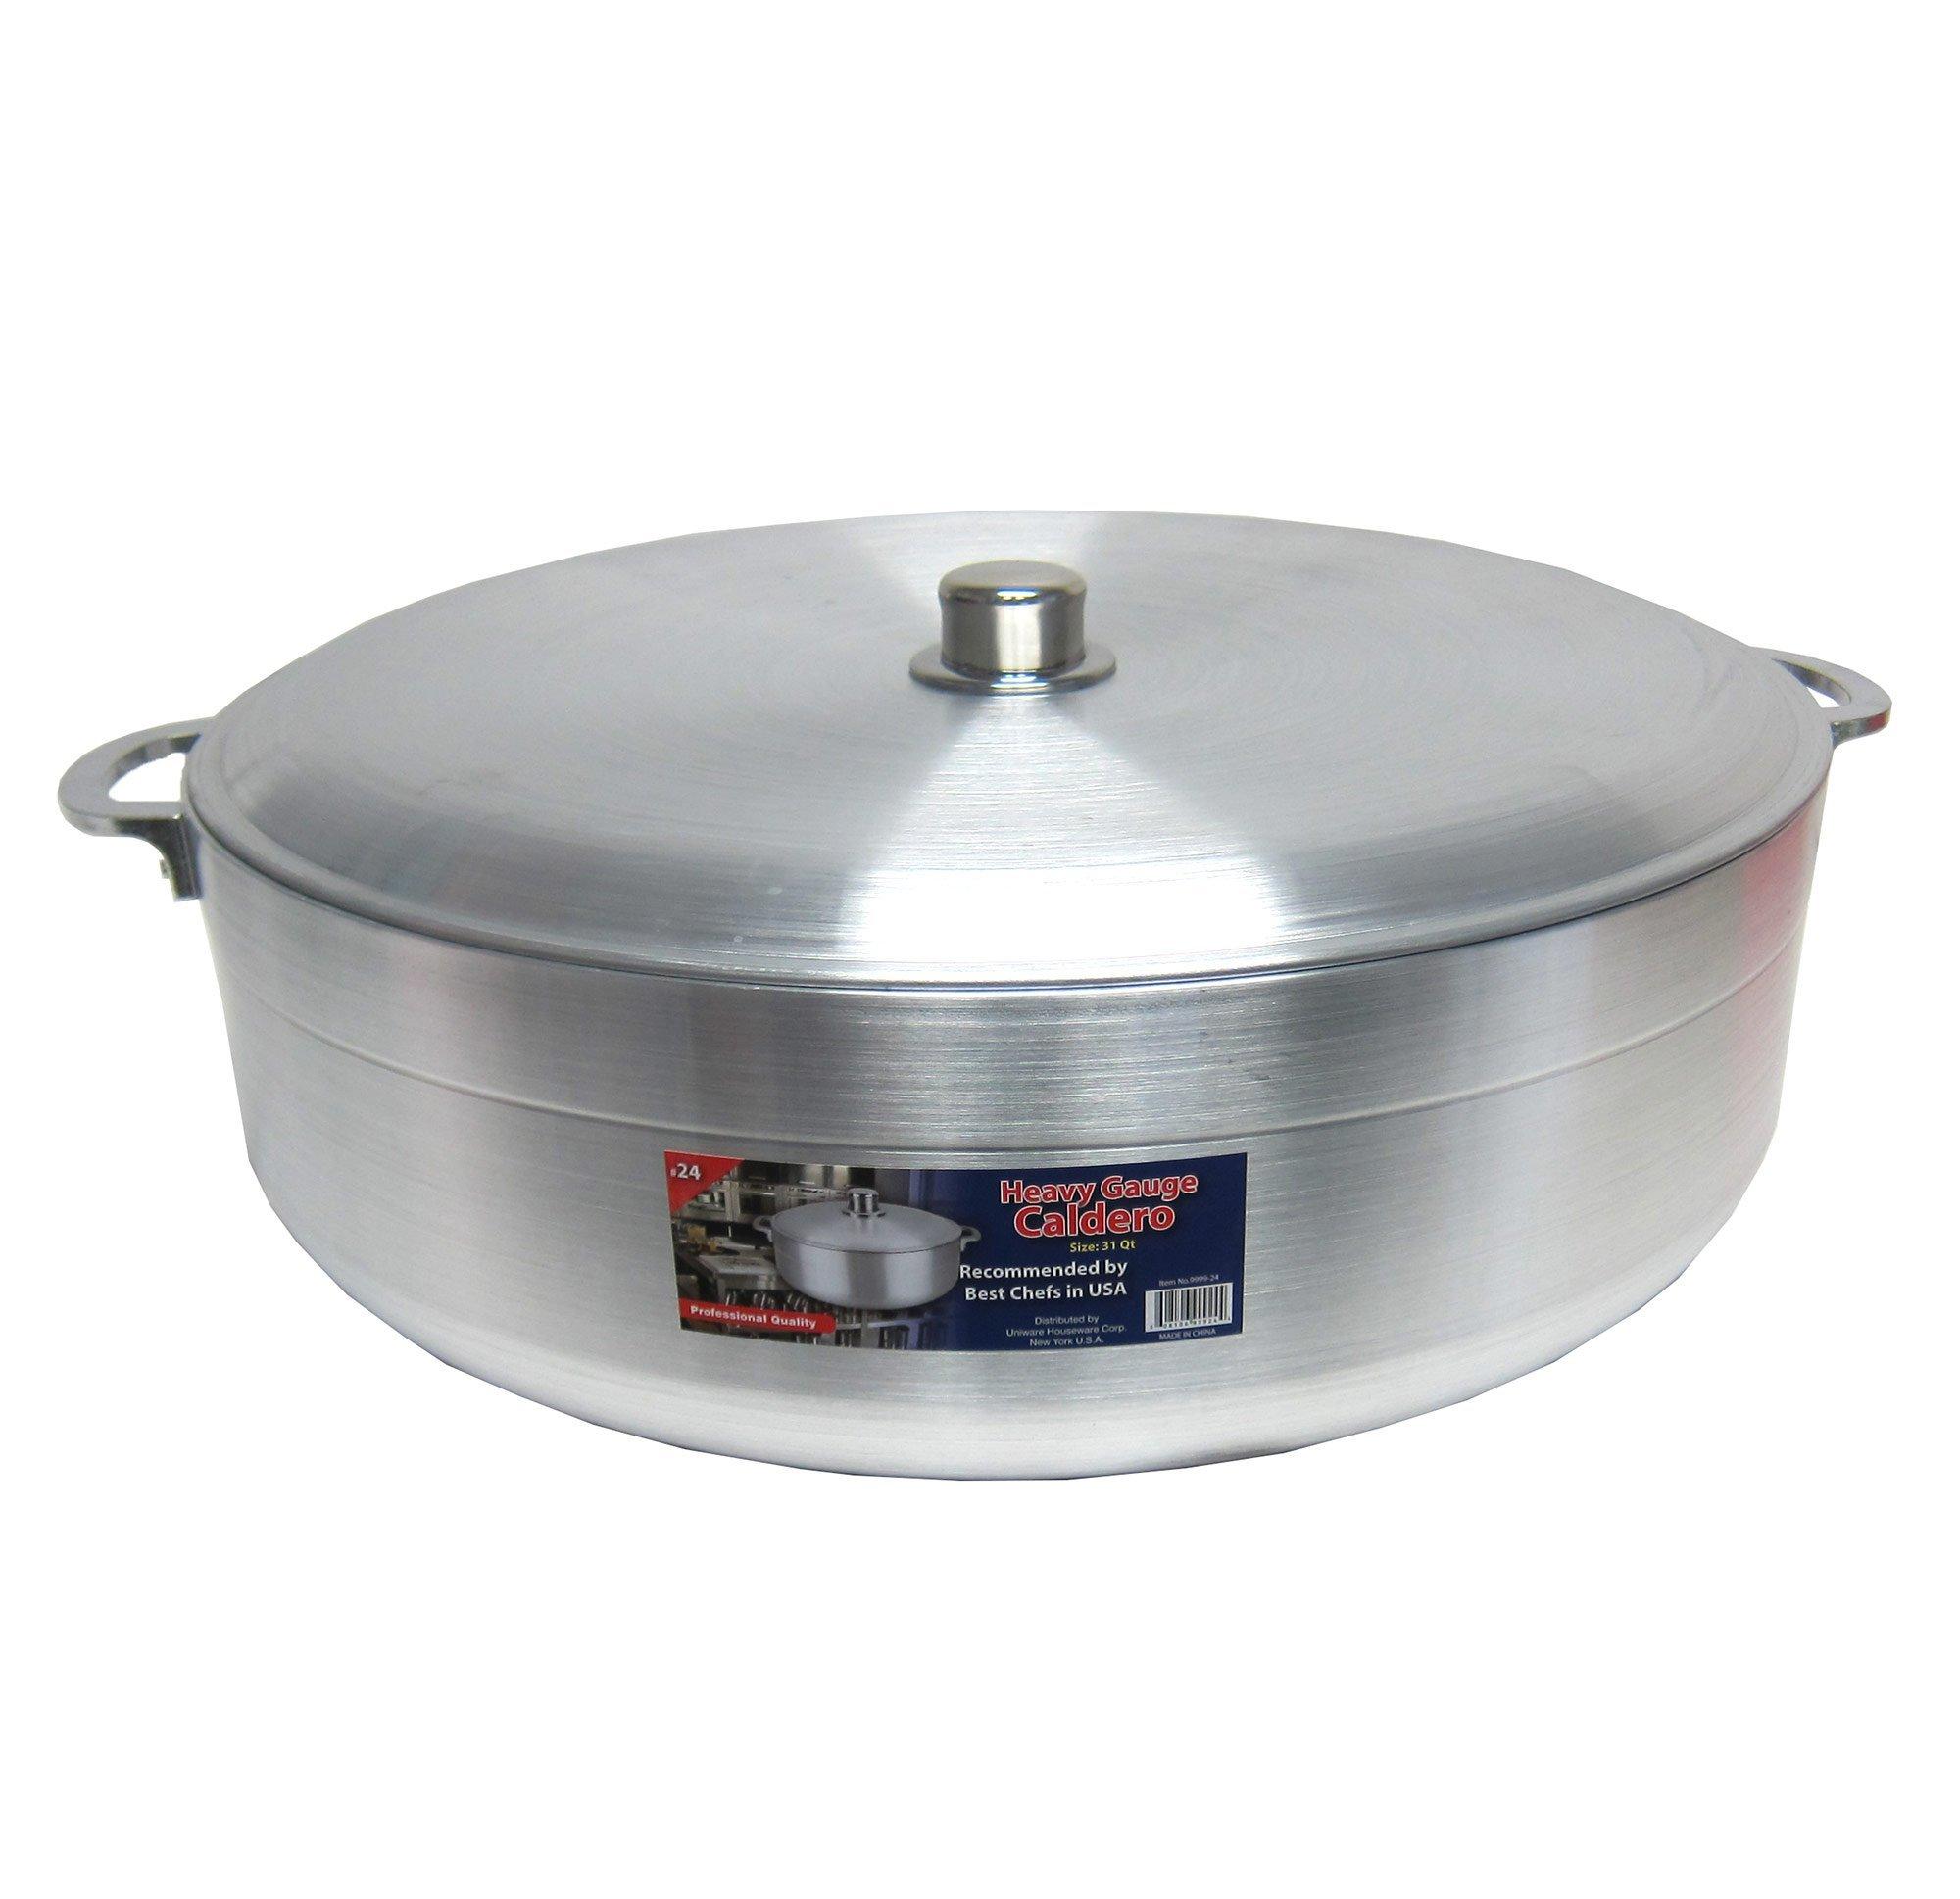 Uniware Heave Duty Aluminum Calderon/Pot with Aluminum Lid Cover, Silver (29.6 Qt)